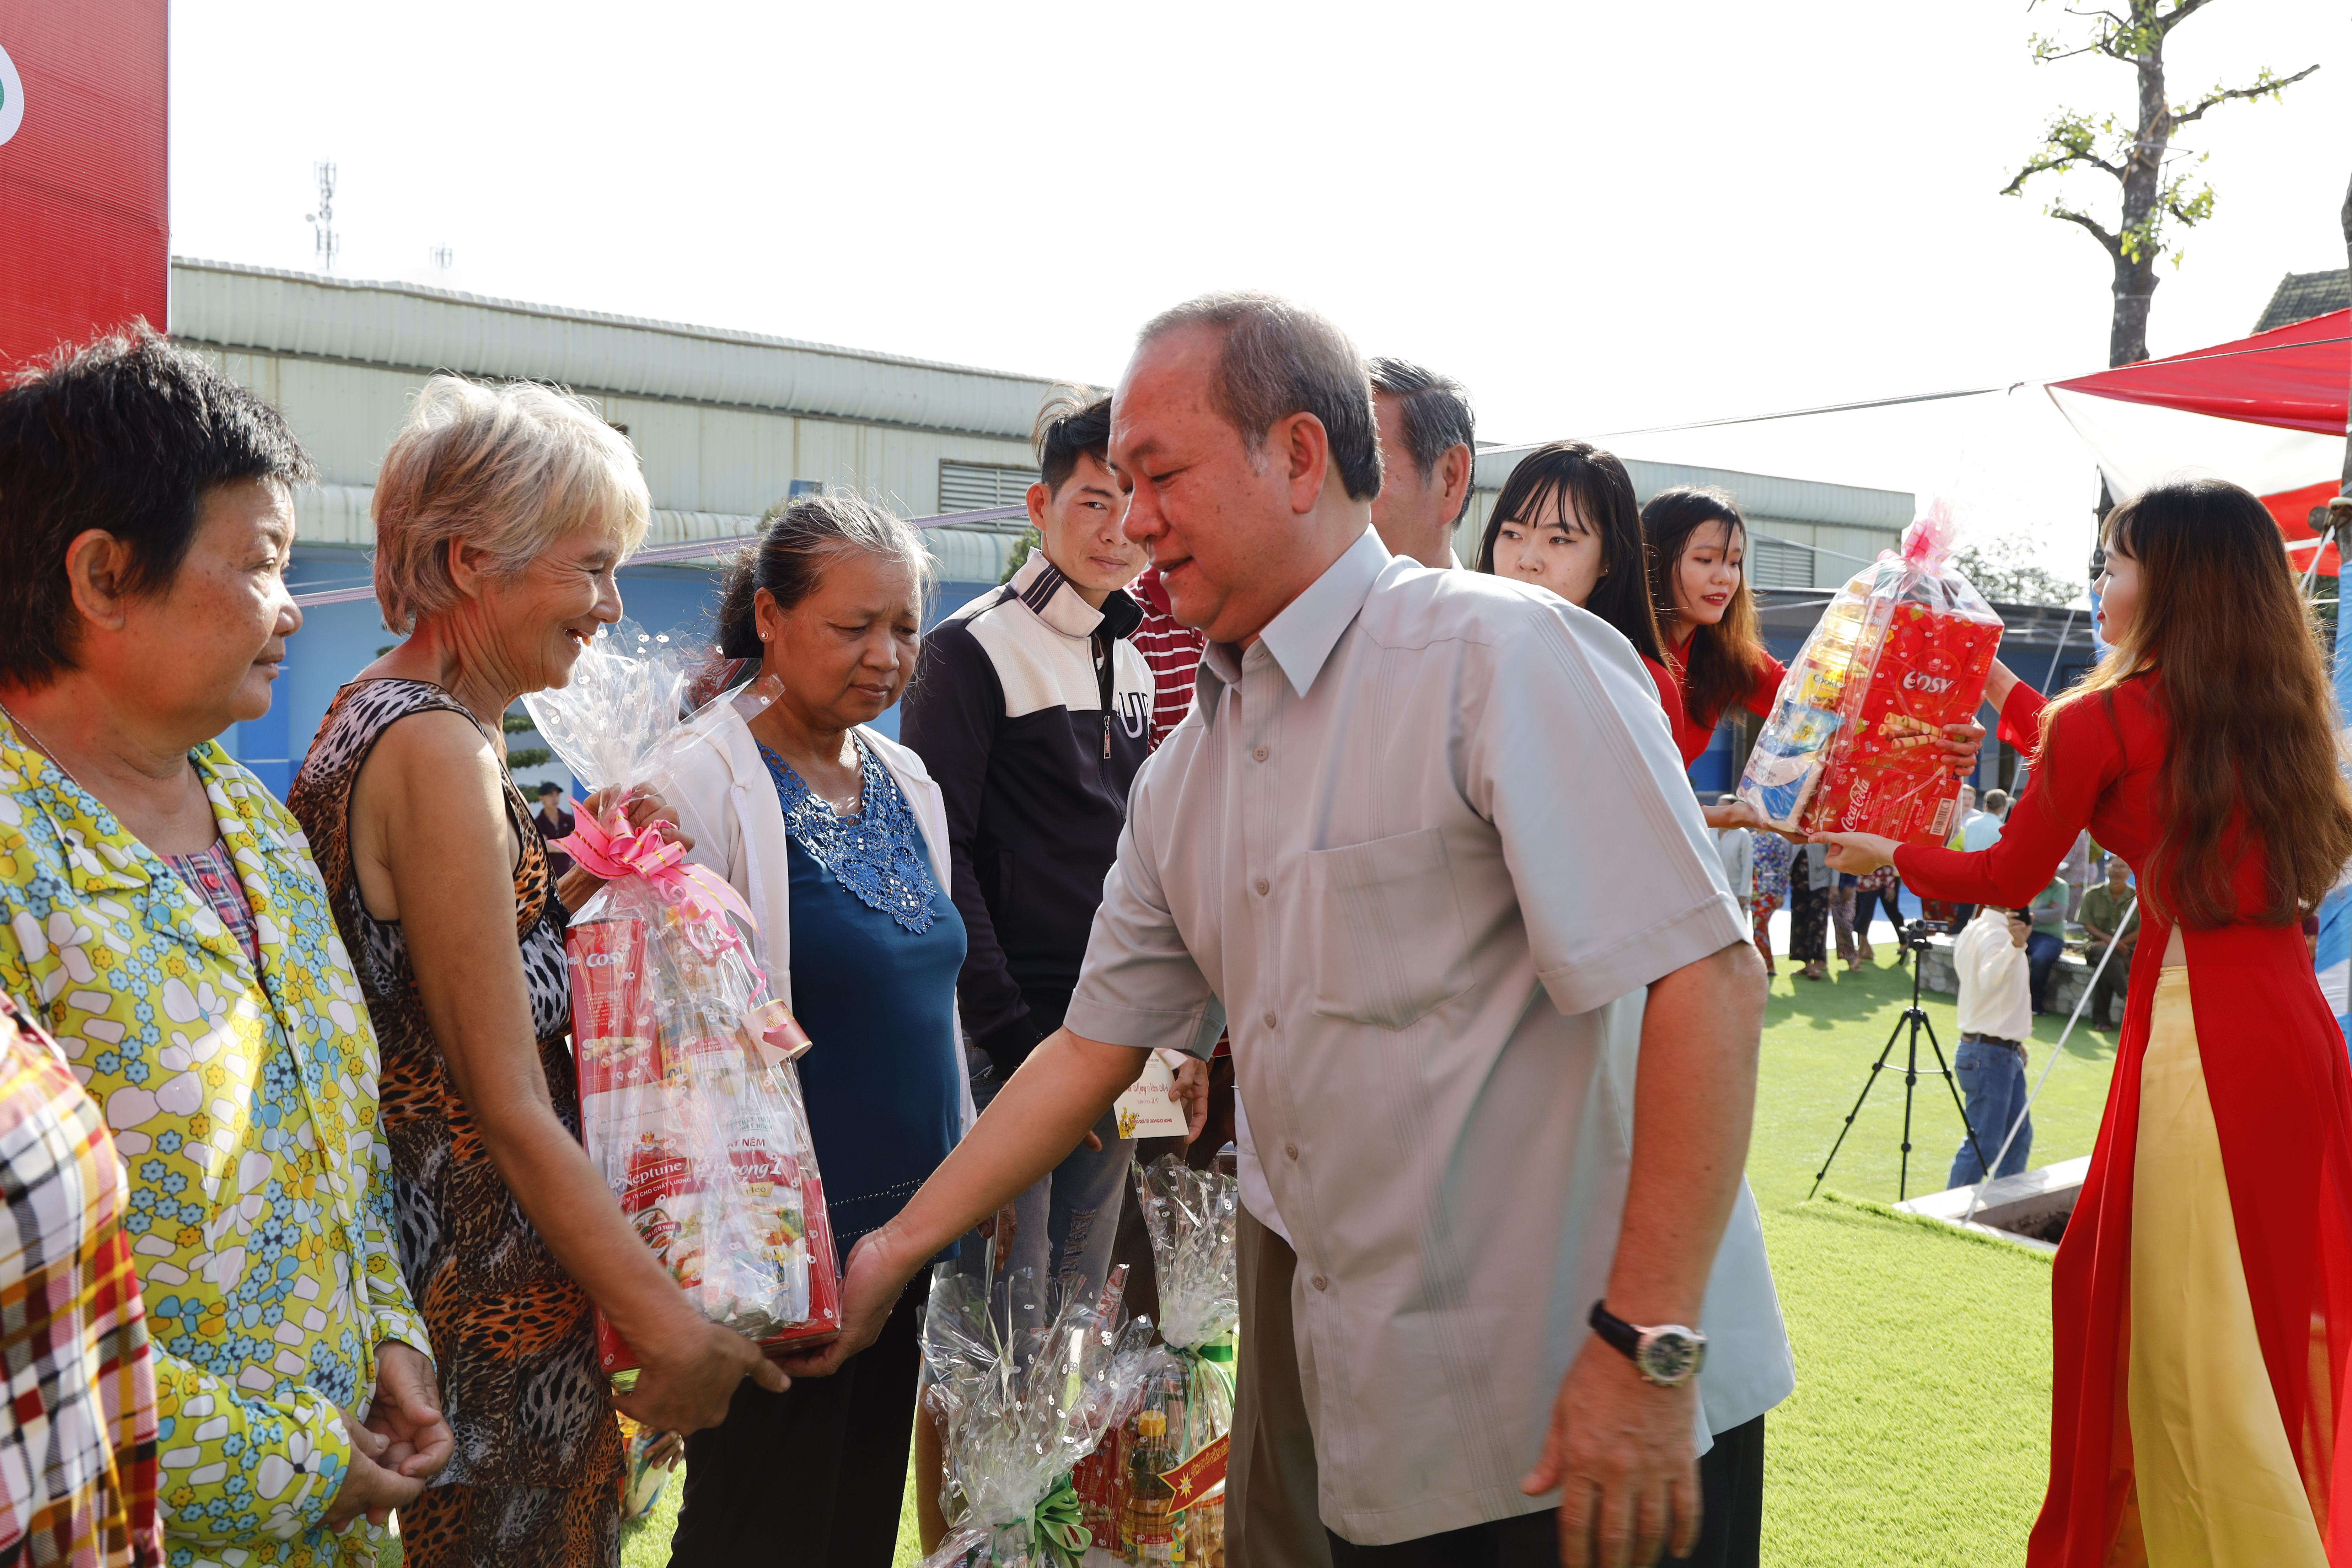 Tập đoàn Phú Cường hỗ trợ 4 tỷ đồng cho người nghèo ăn Tết